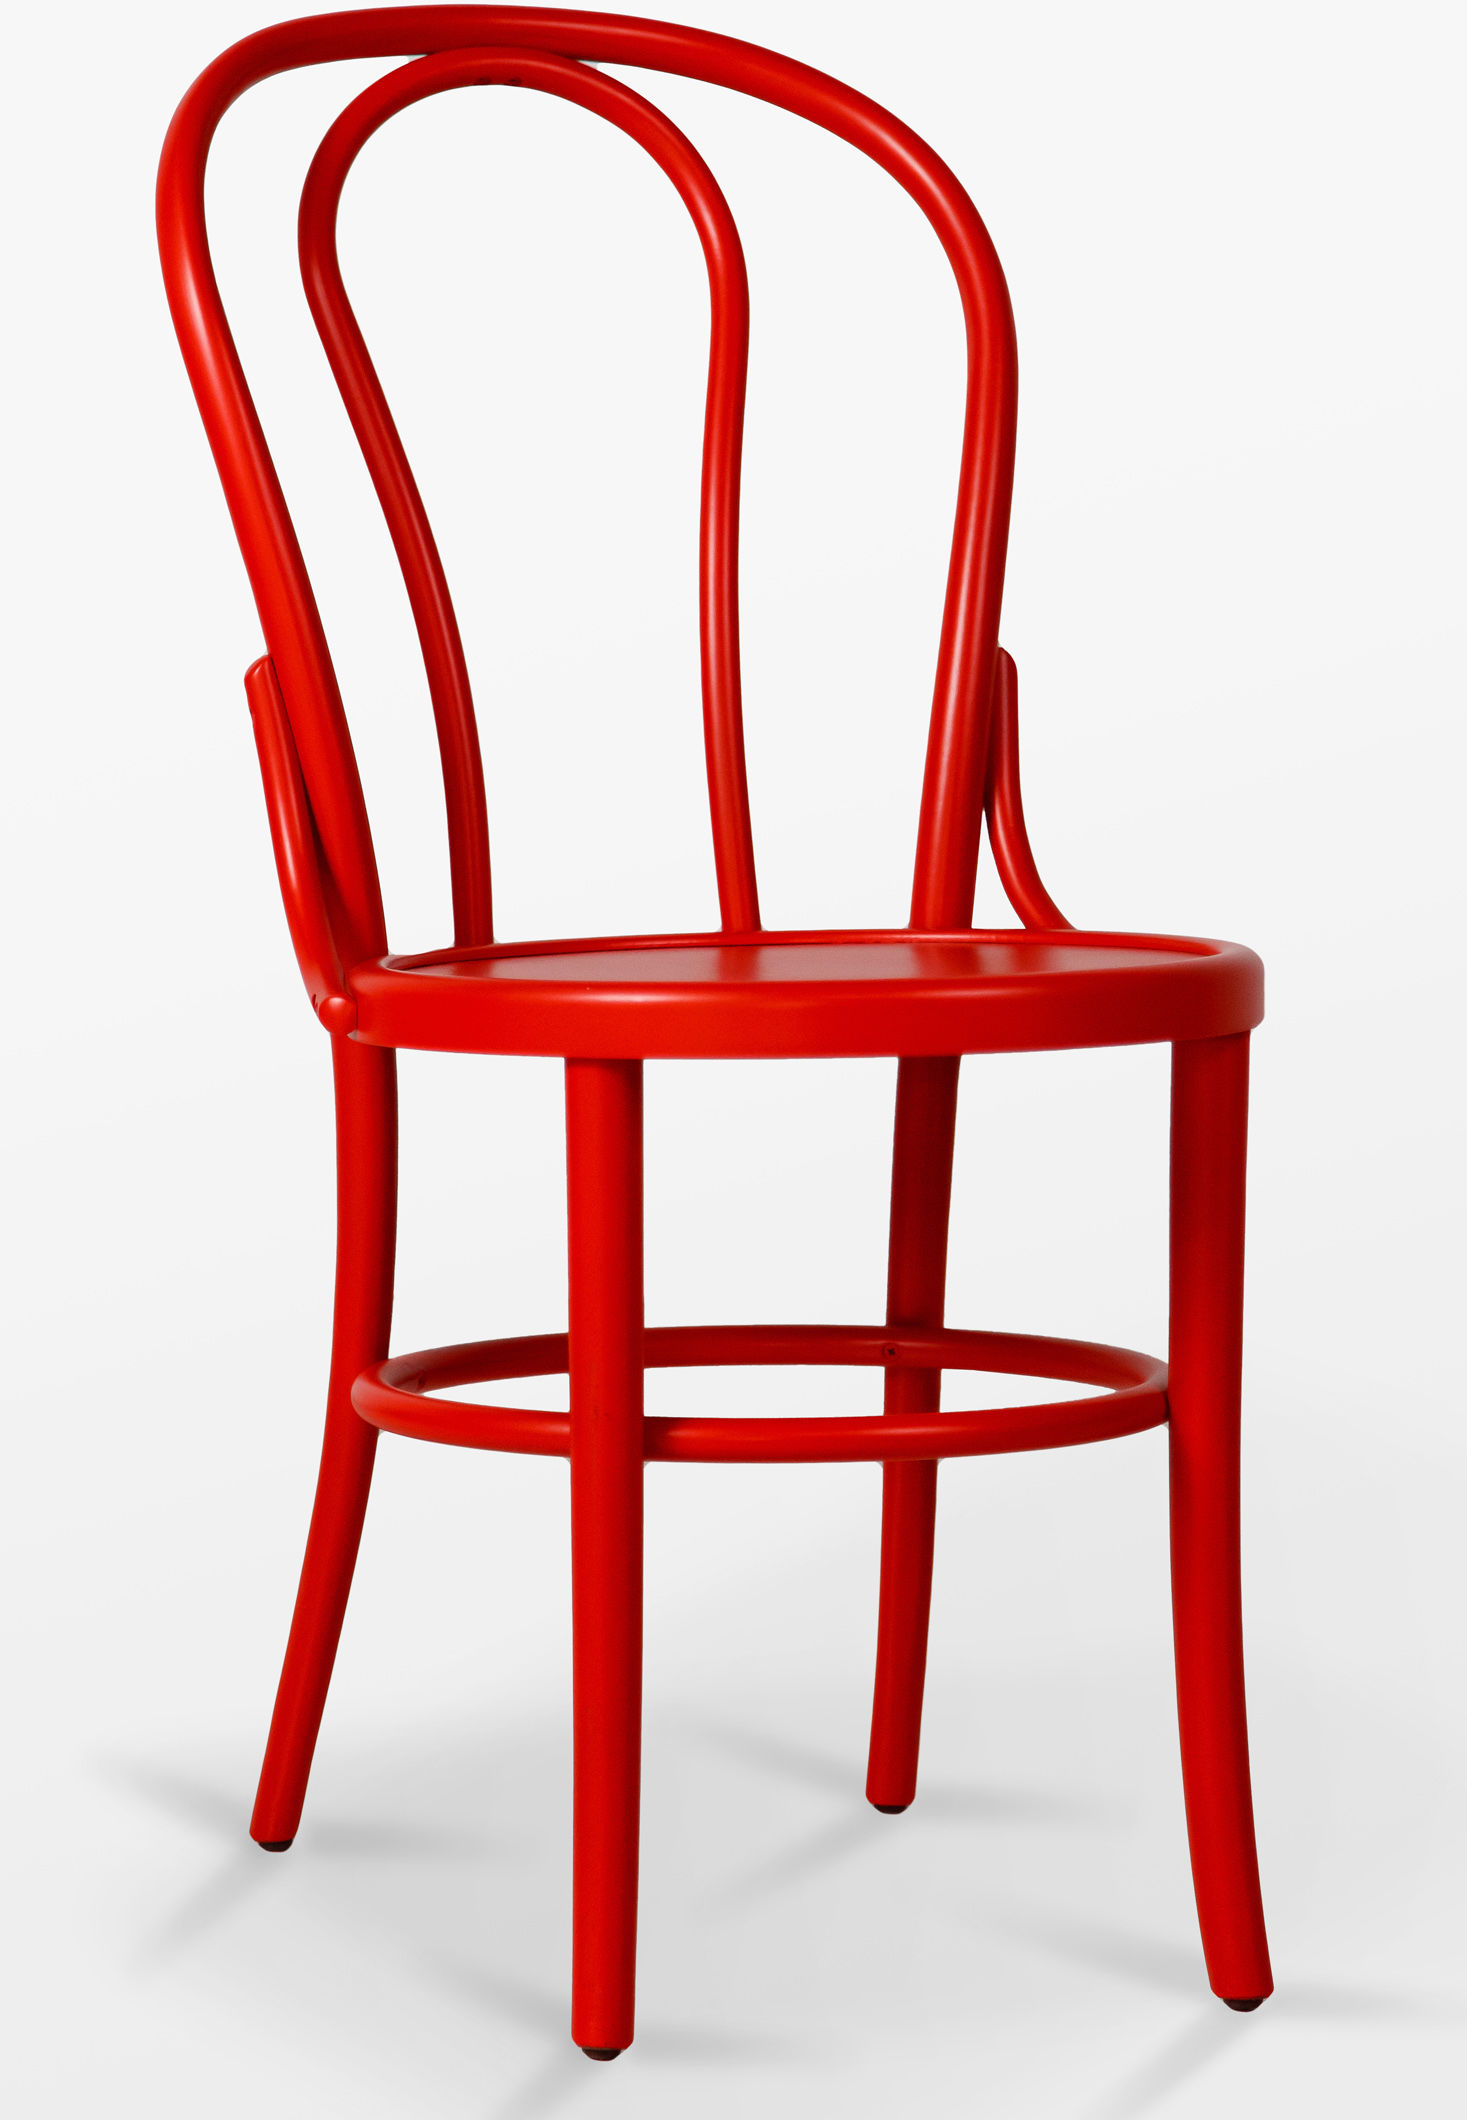 Krzesło bukowe gięte thonet NK-14